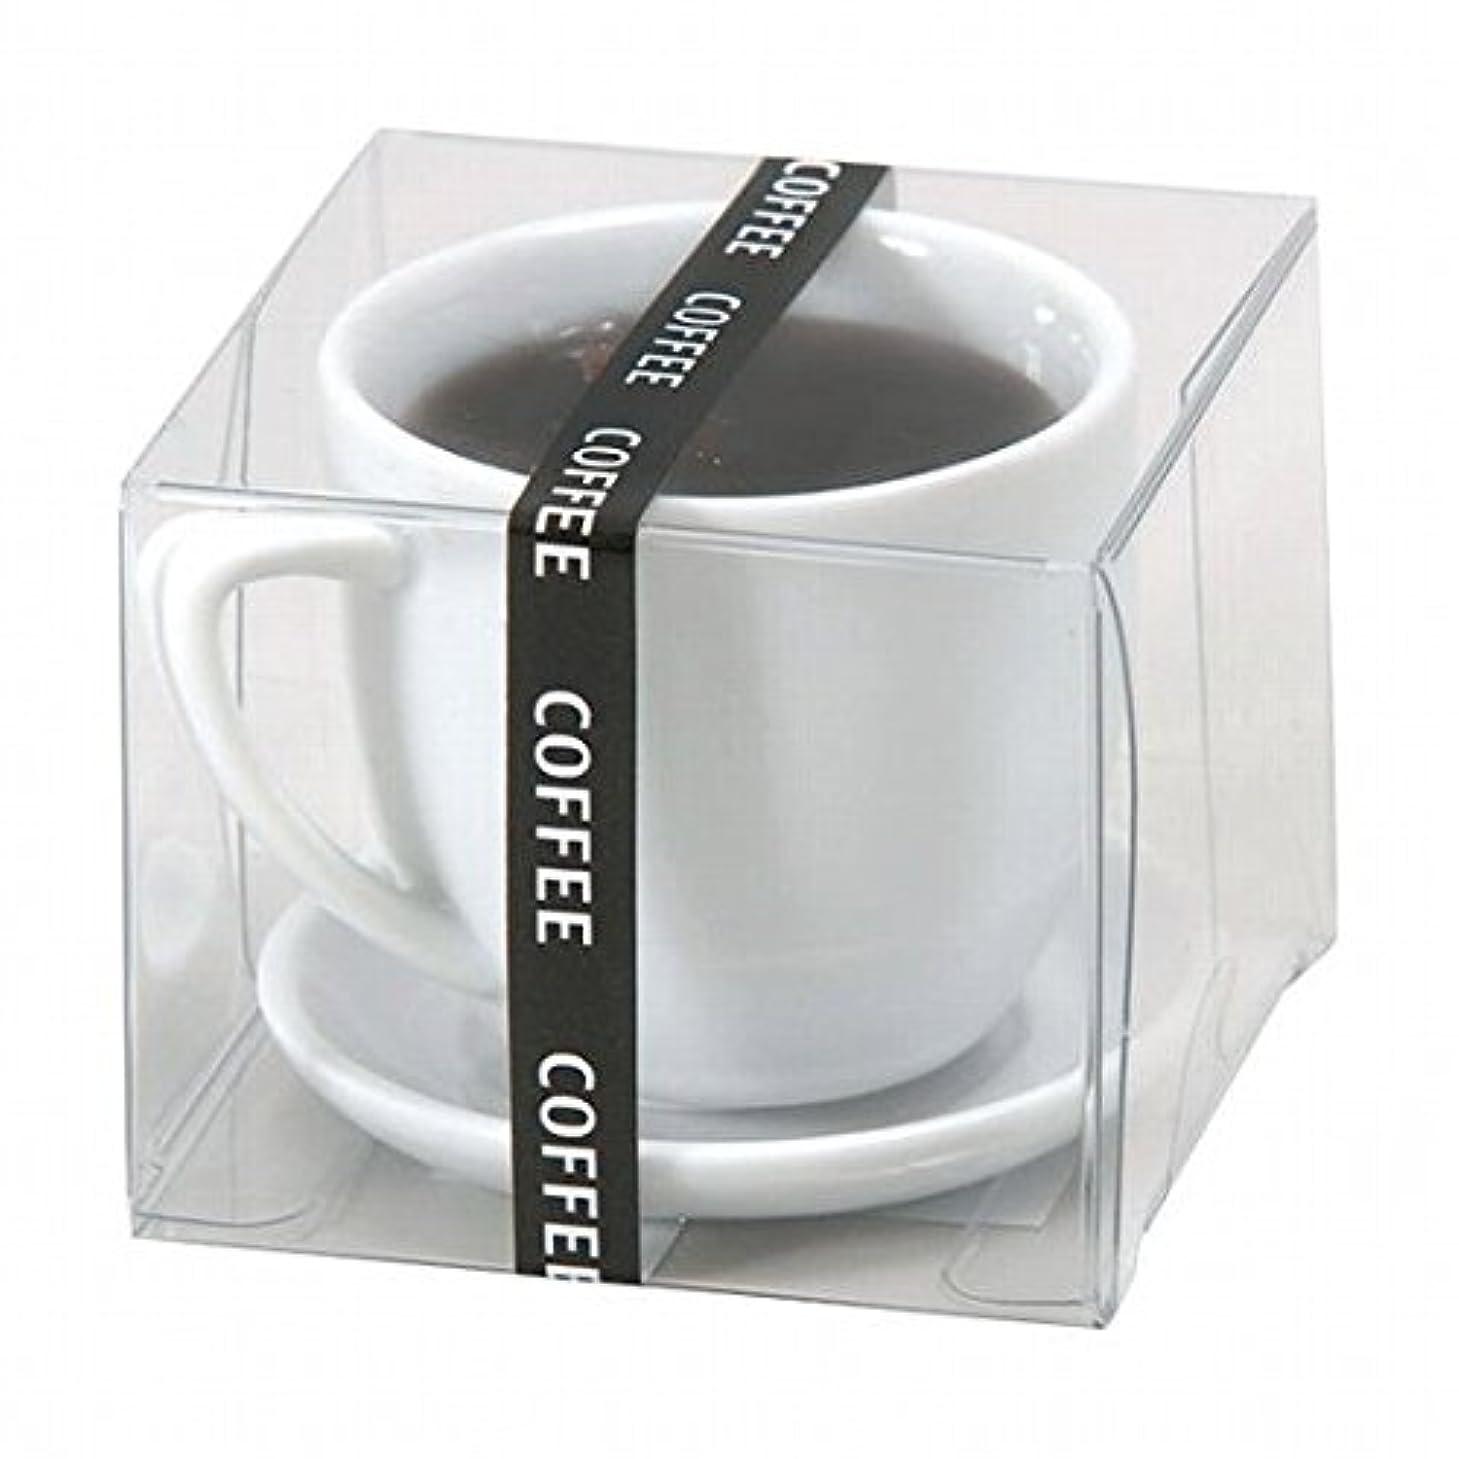 湿った静脈従事したkameyama candle(カメヤマキャンドル) ホットコーヒー キャンドル(55890000)